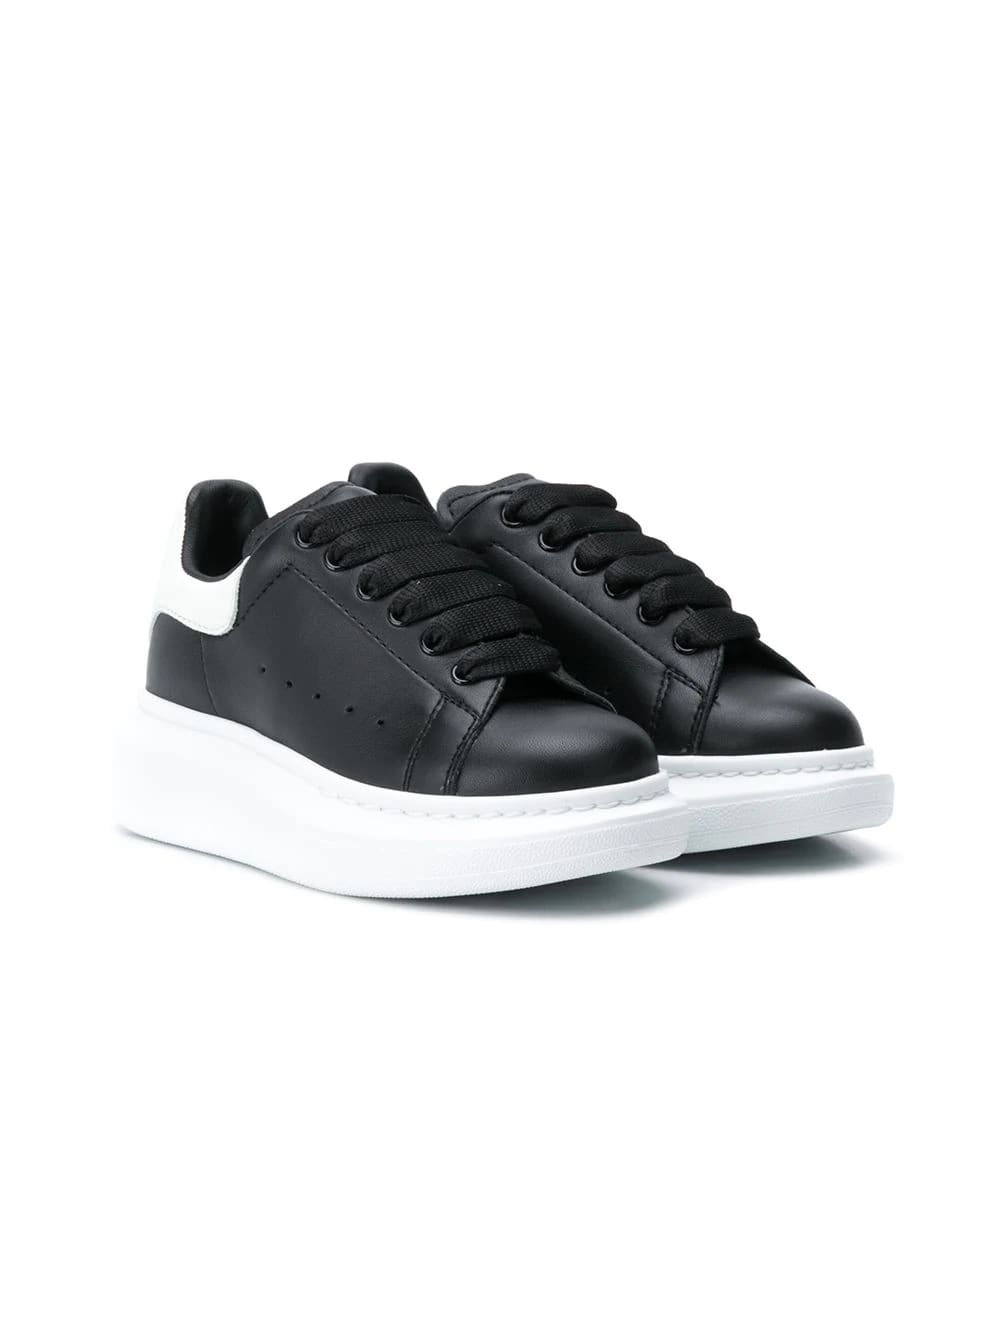 Alexander McQueen Kids Black Oversize Sneakers With White Spoiler